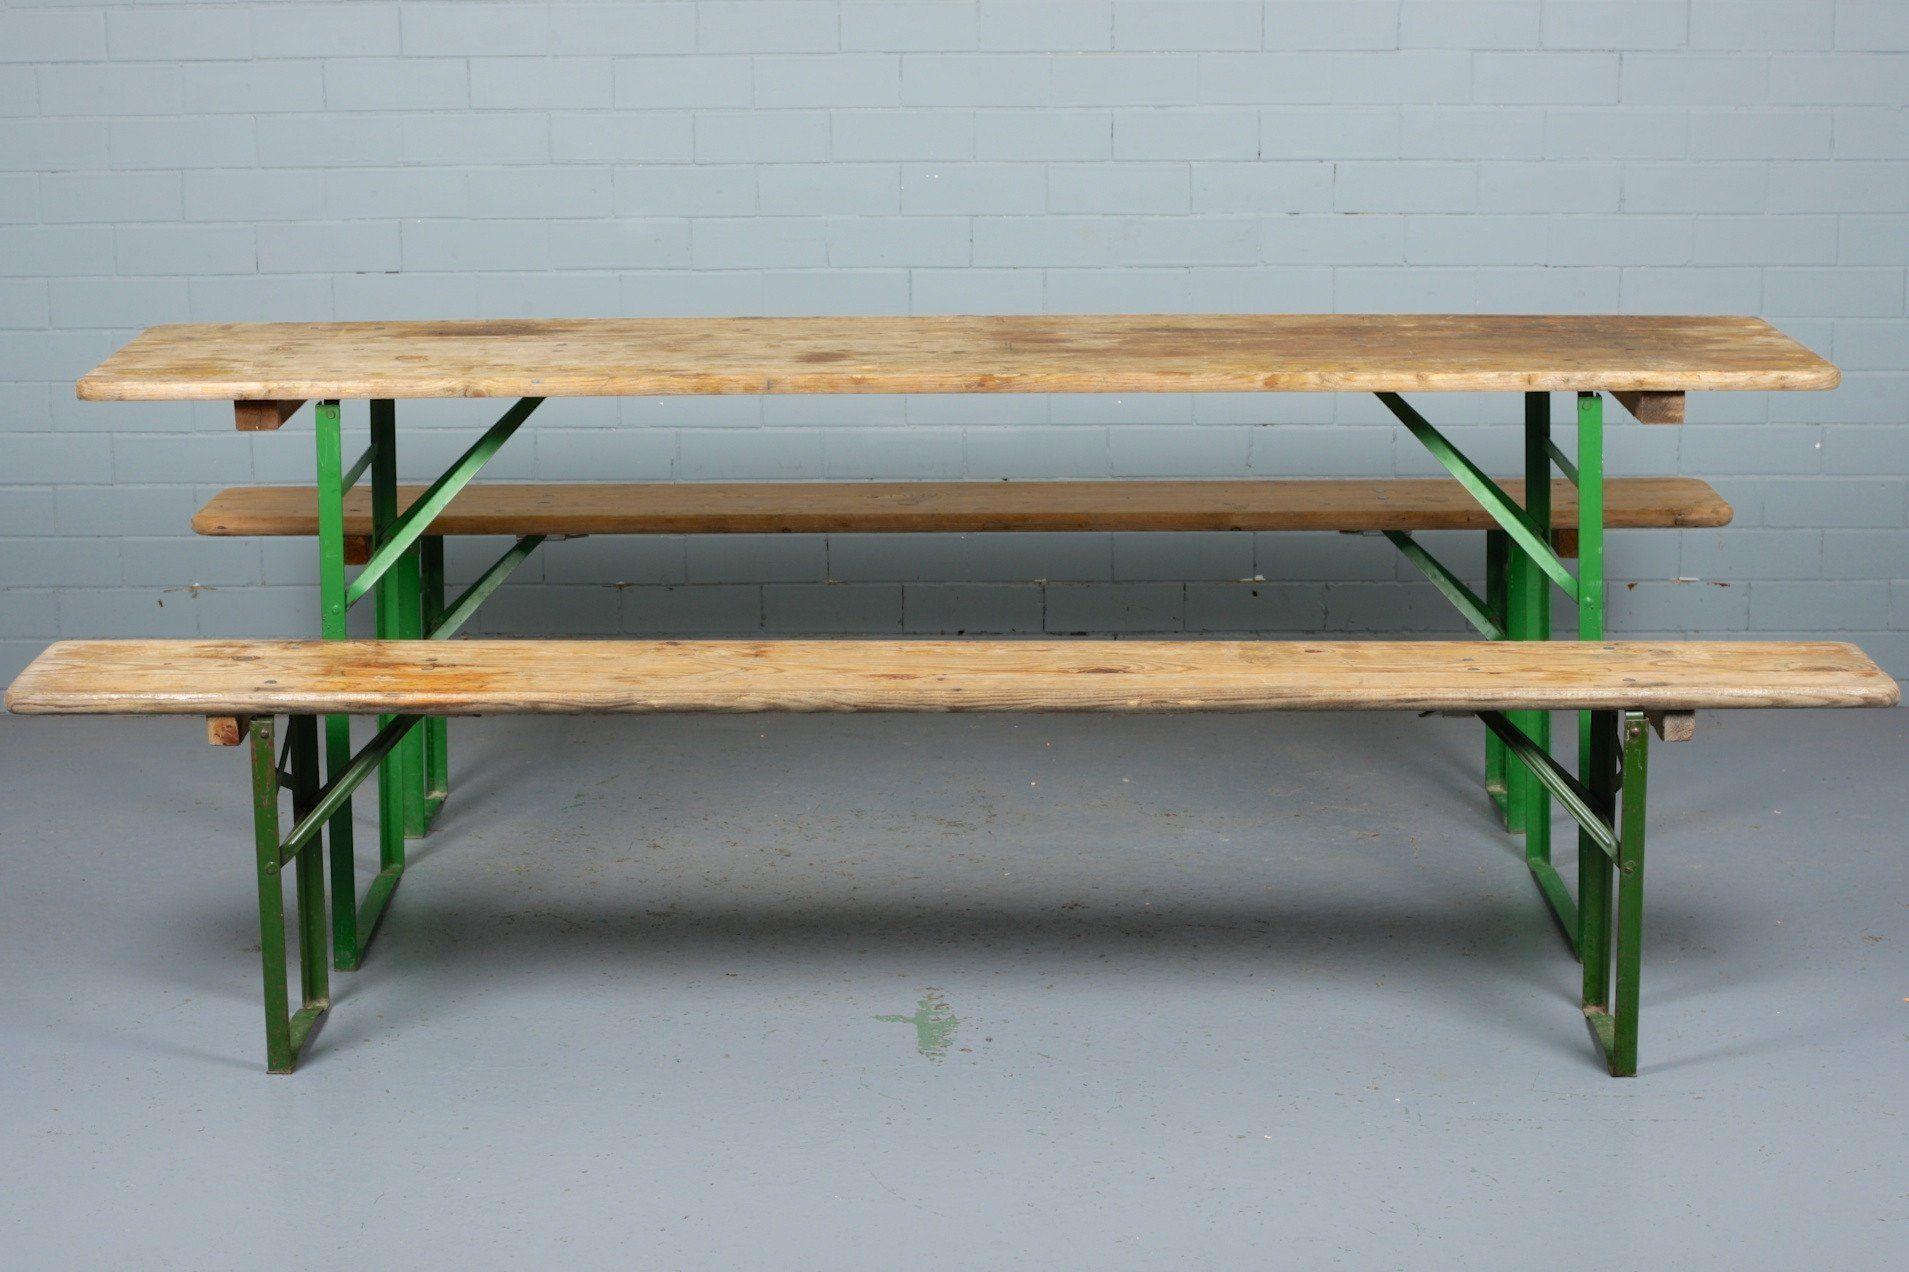 3050516de32d0e441b78056db69c07cd Impressionnant De Table Bar Exterieur Conception